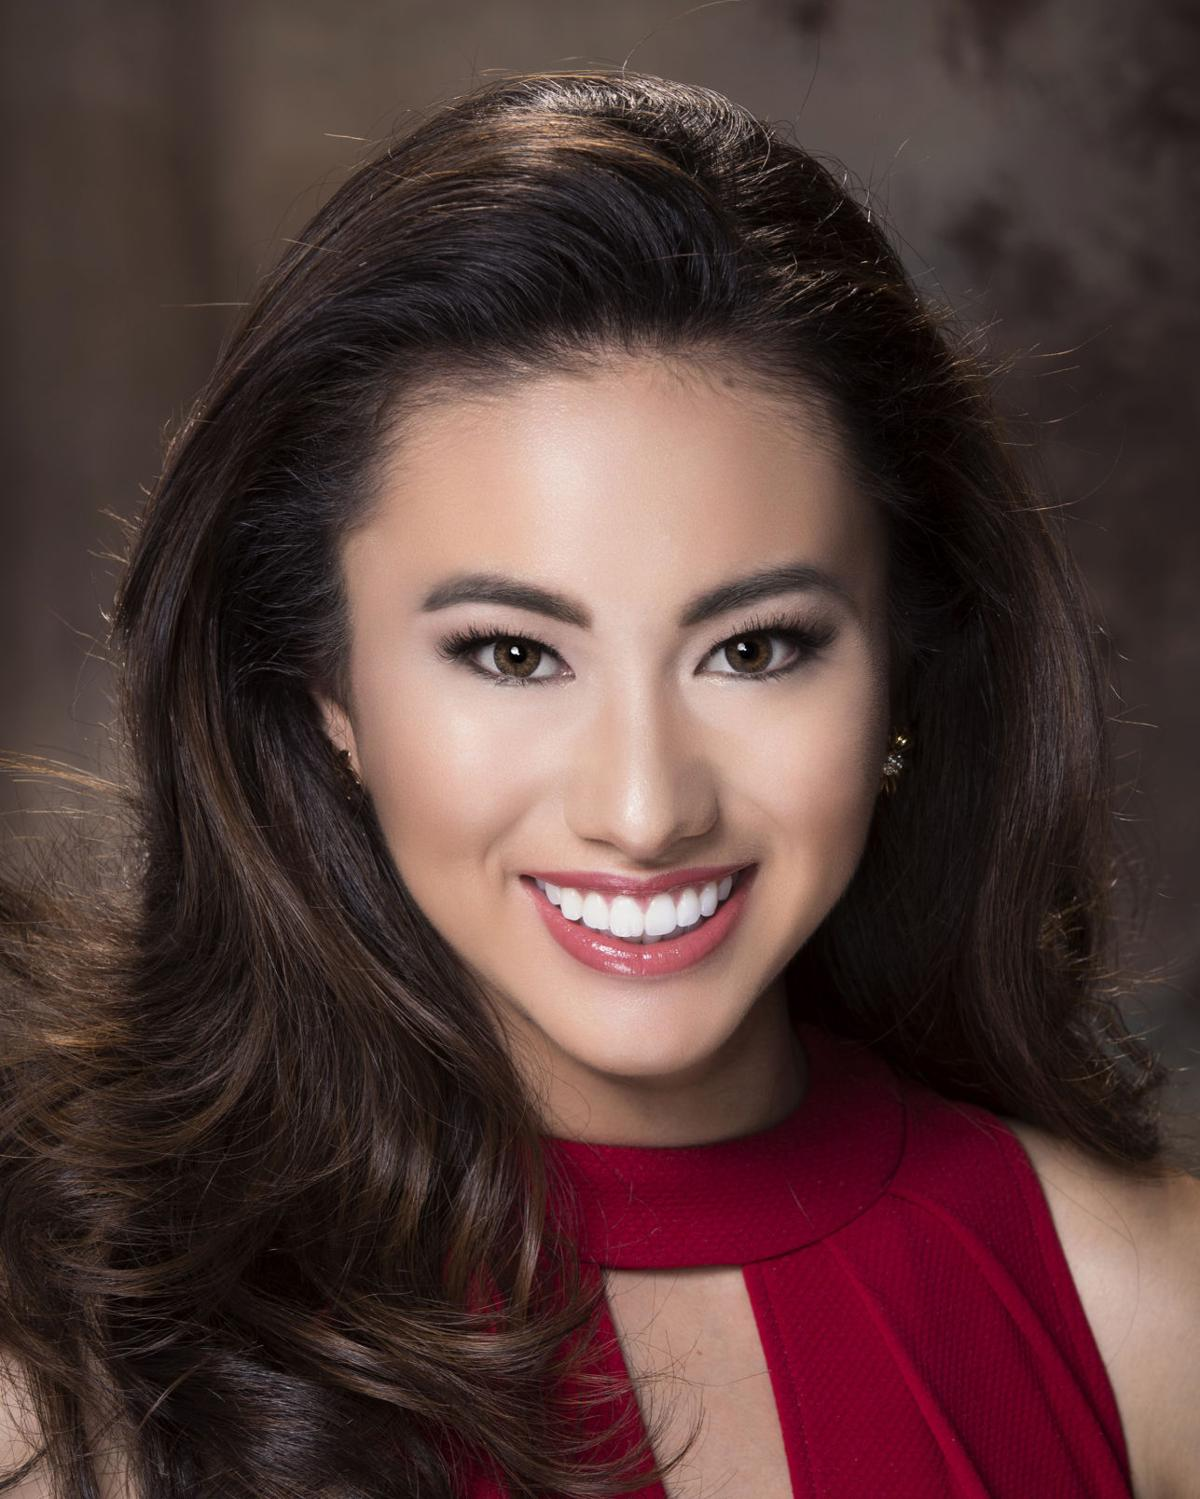 Miss Hawaii 2017 Kathryn Teruya